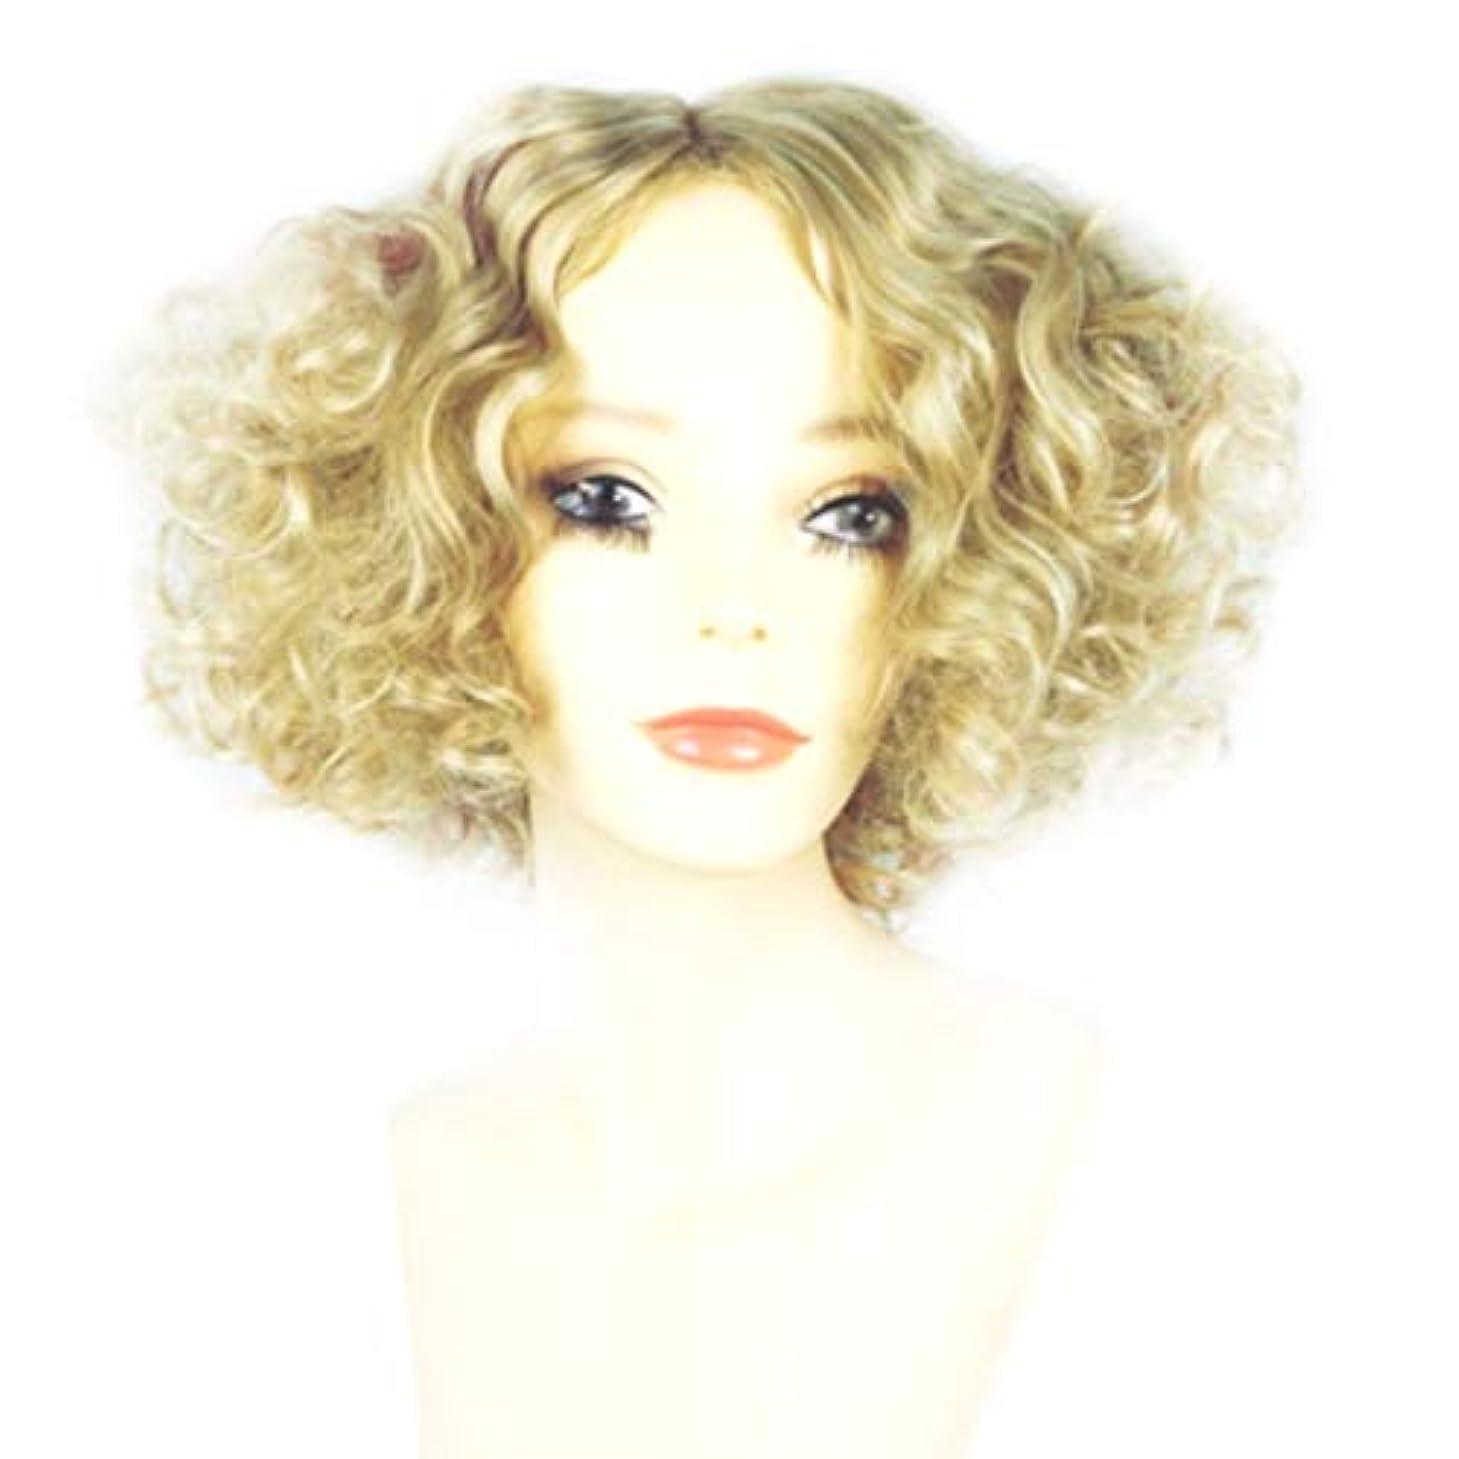 消すベース地理Kerwinner 女性のための短い巻き毛のかつらブロンドのボブの髪かつら自然に見える耐熱合成かつら